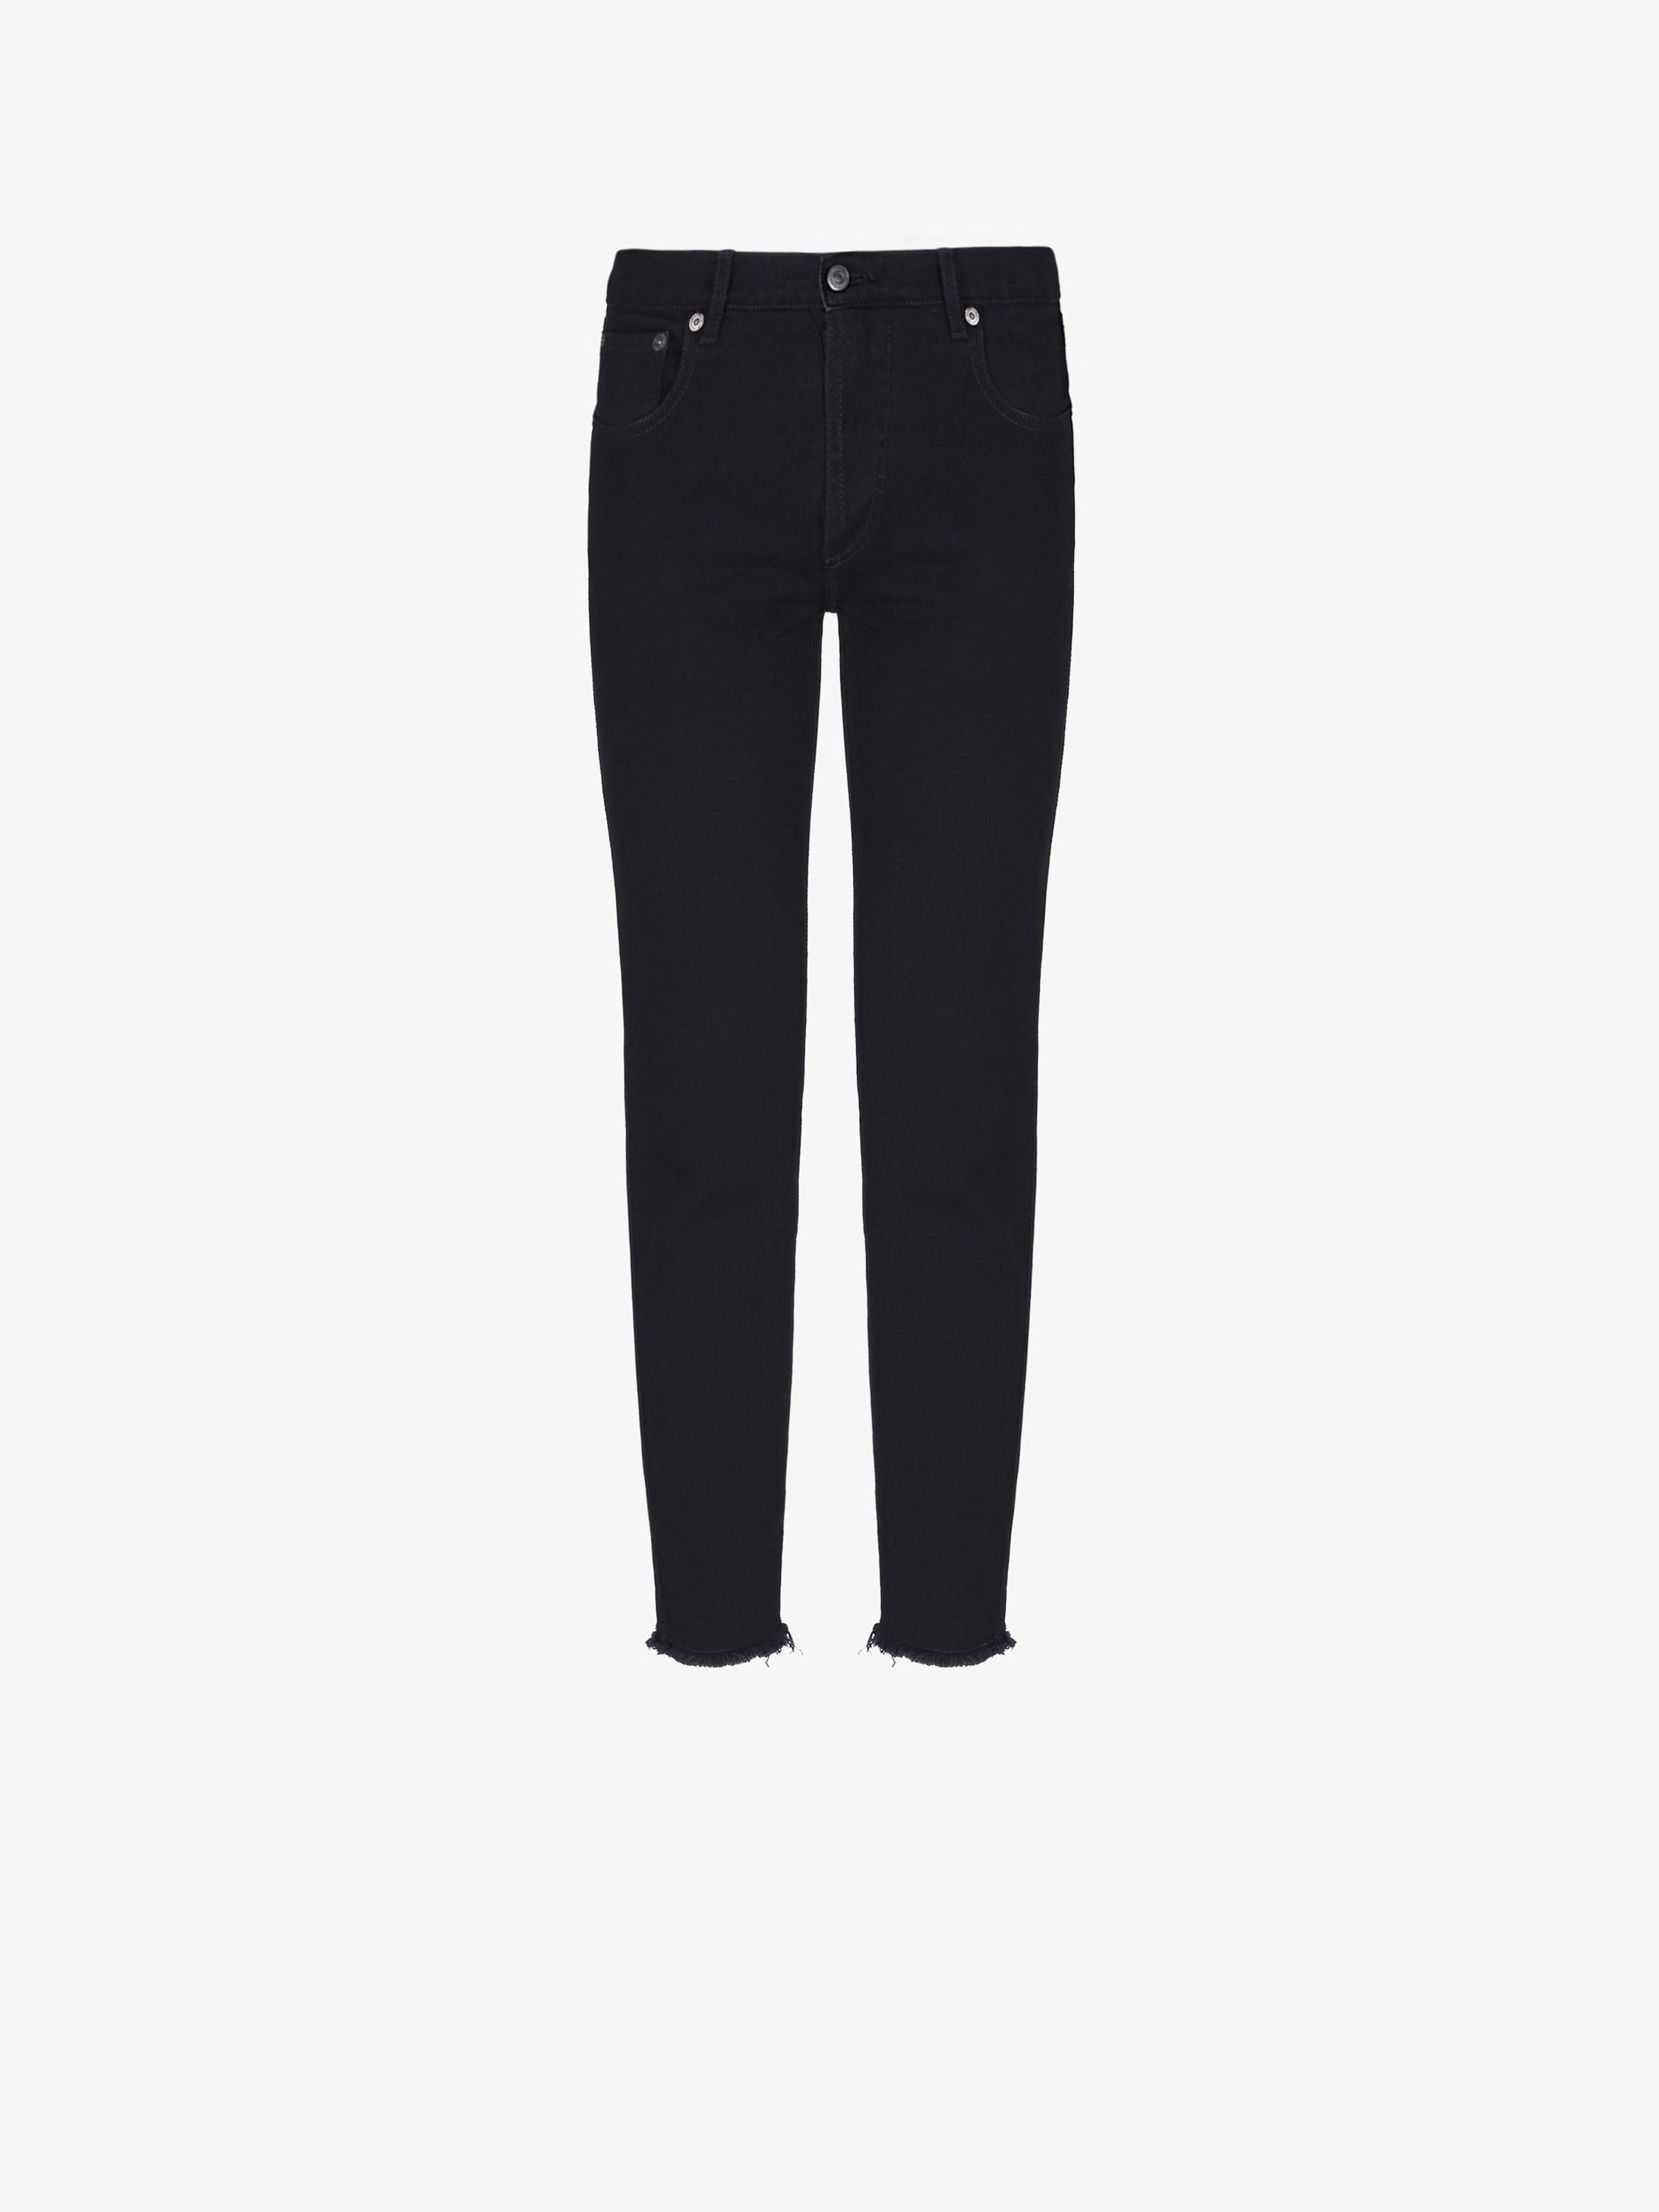 Short skinny jeans with shredded edges